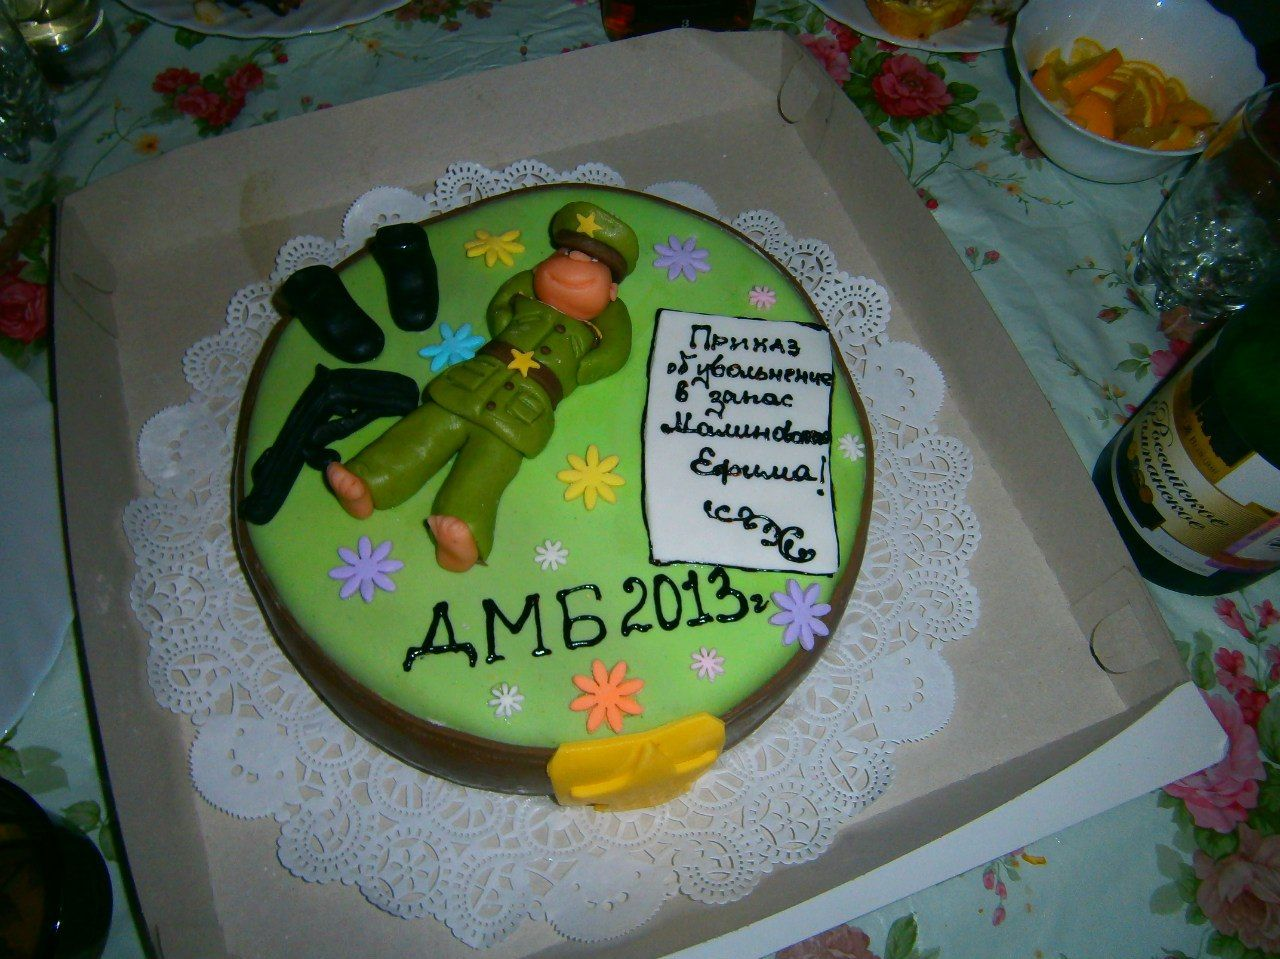 соболезнования семье торт для дембеля фото своими руками восторга поводу